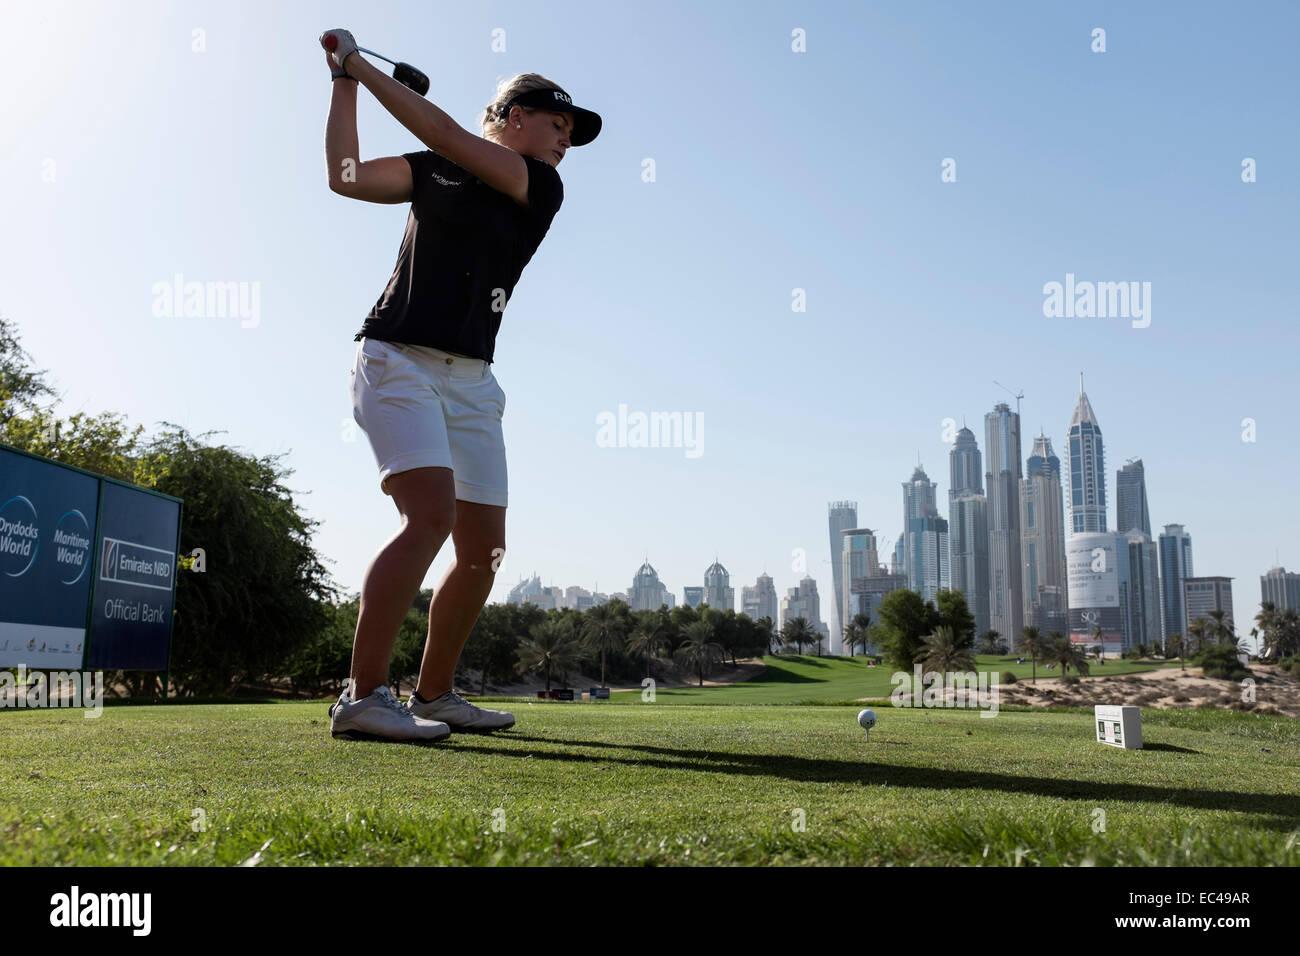 Dubaï, Émirats arabes unis. 9 Décembre, 2014. Charley Hull d'Angleterre tees au large de 8e té Photo Stock